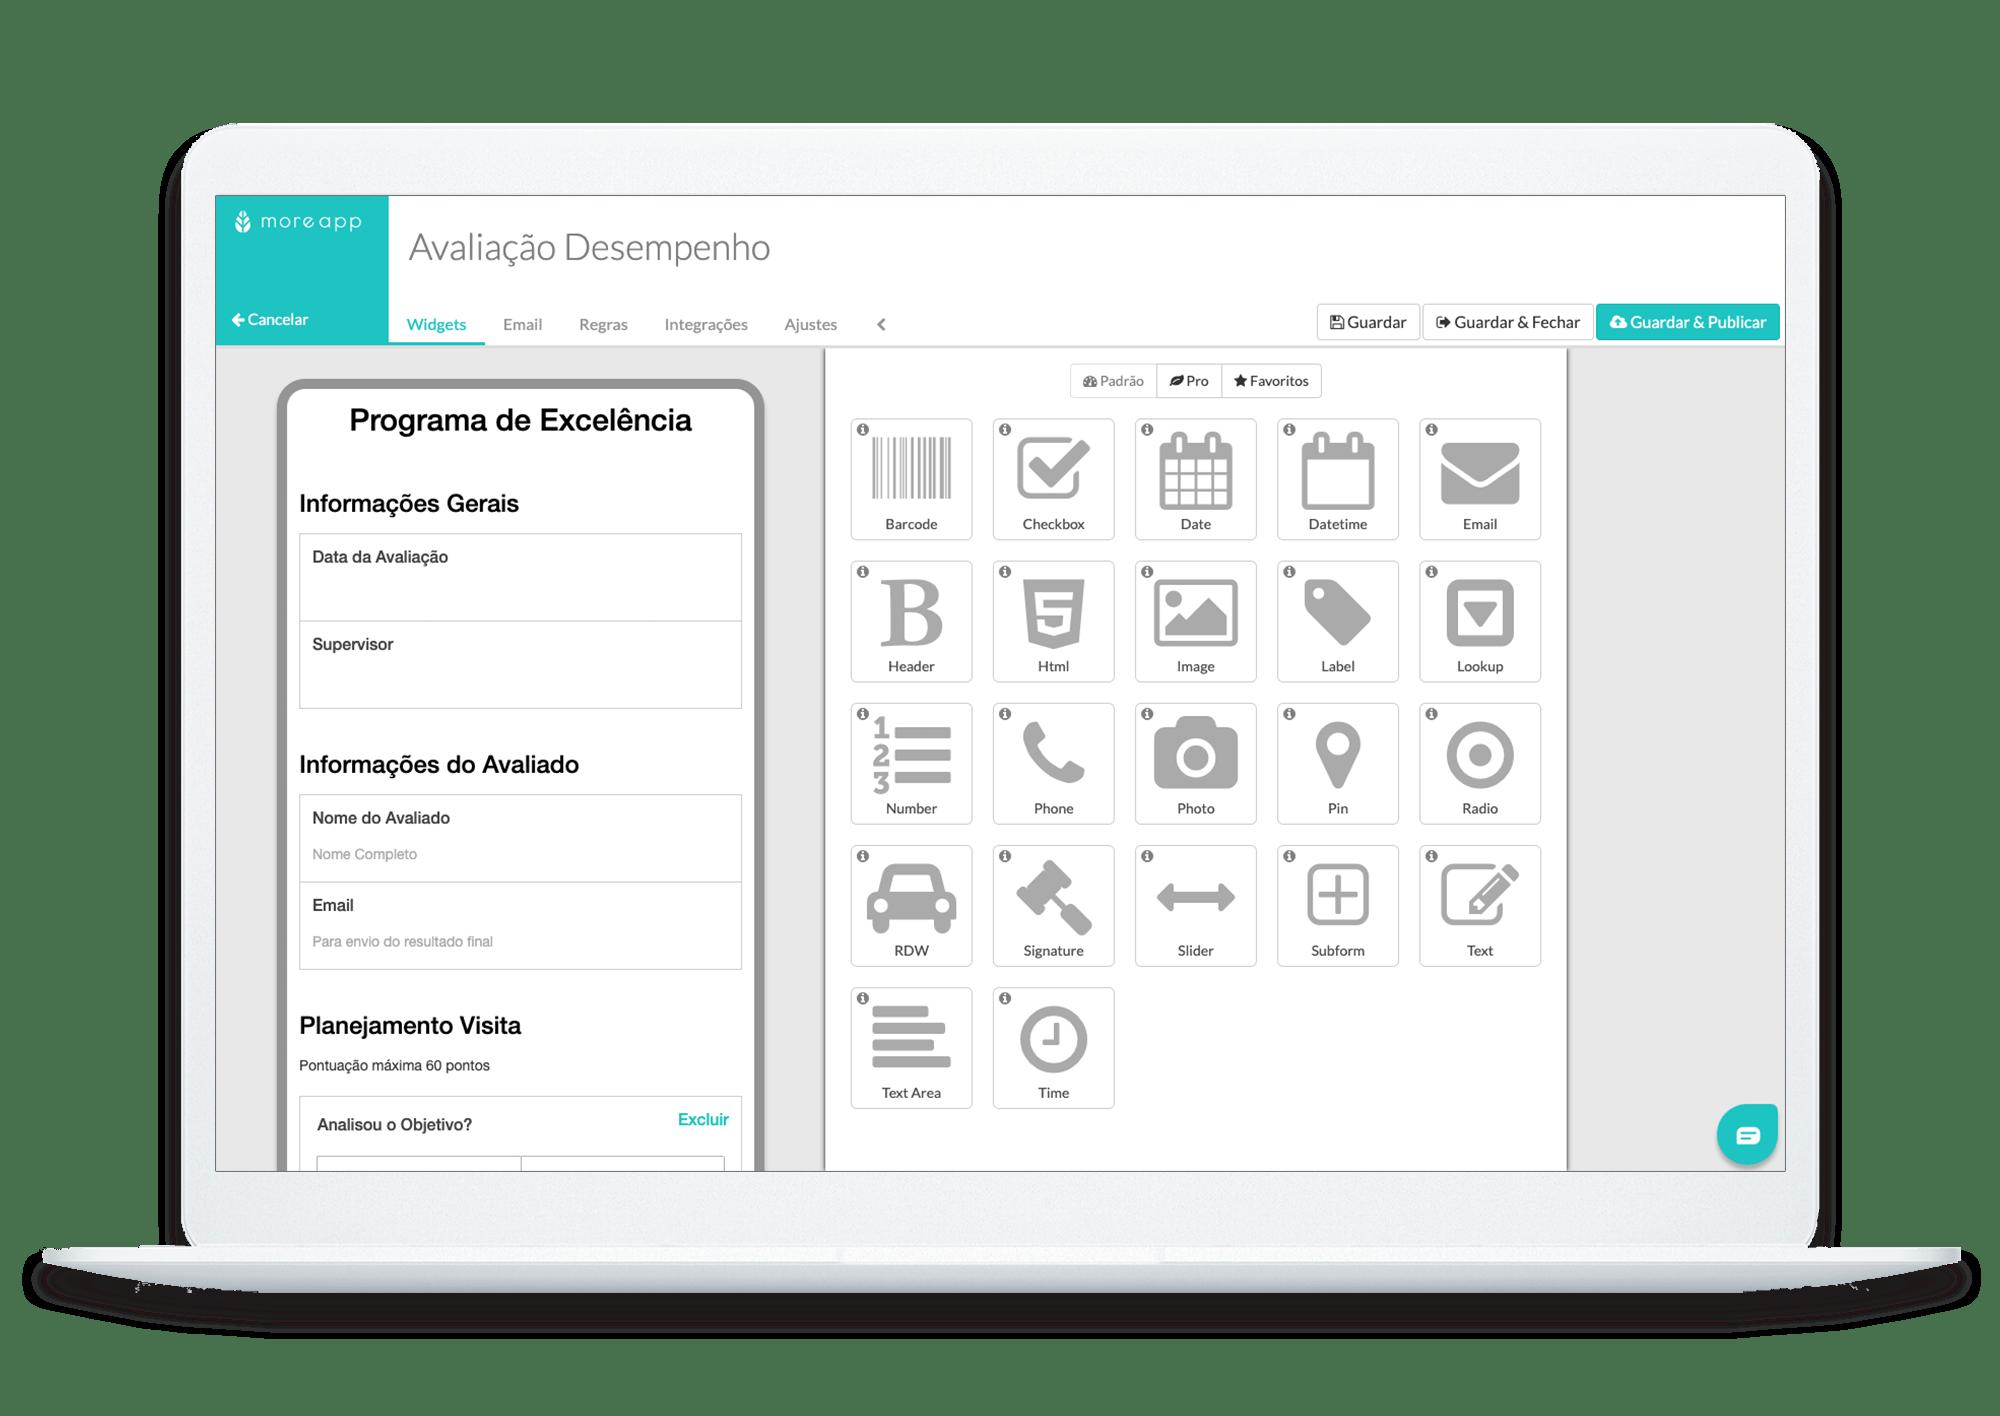 MoreApp Construtor de Formulários Avaliação de Desempenho App